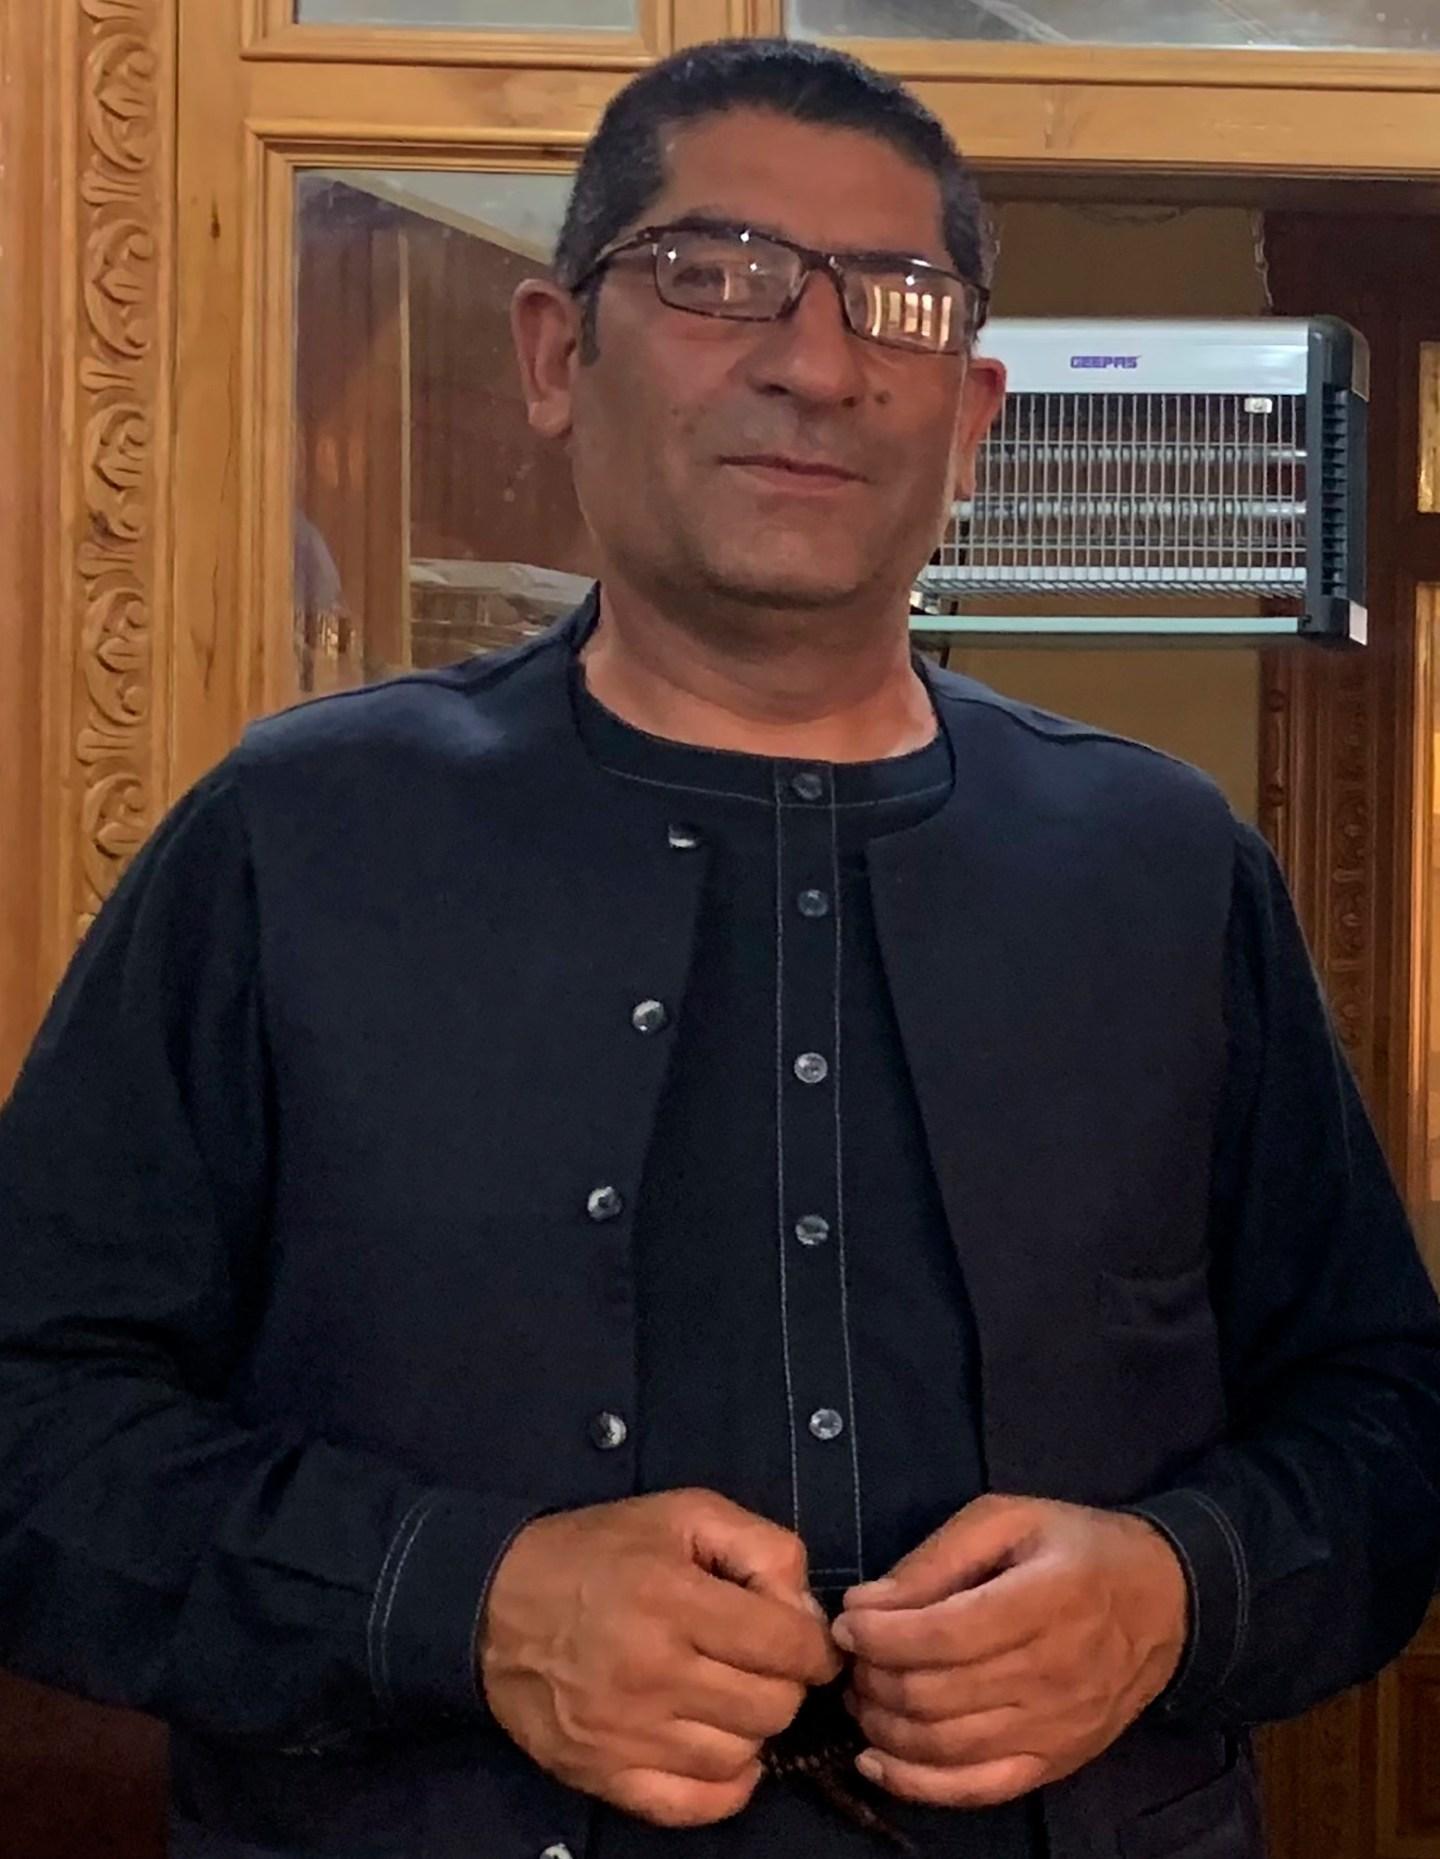 Rahmatullah Nikzad